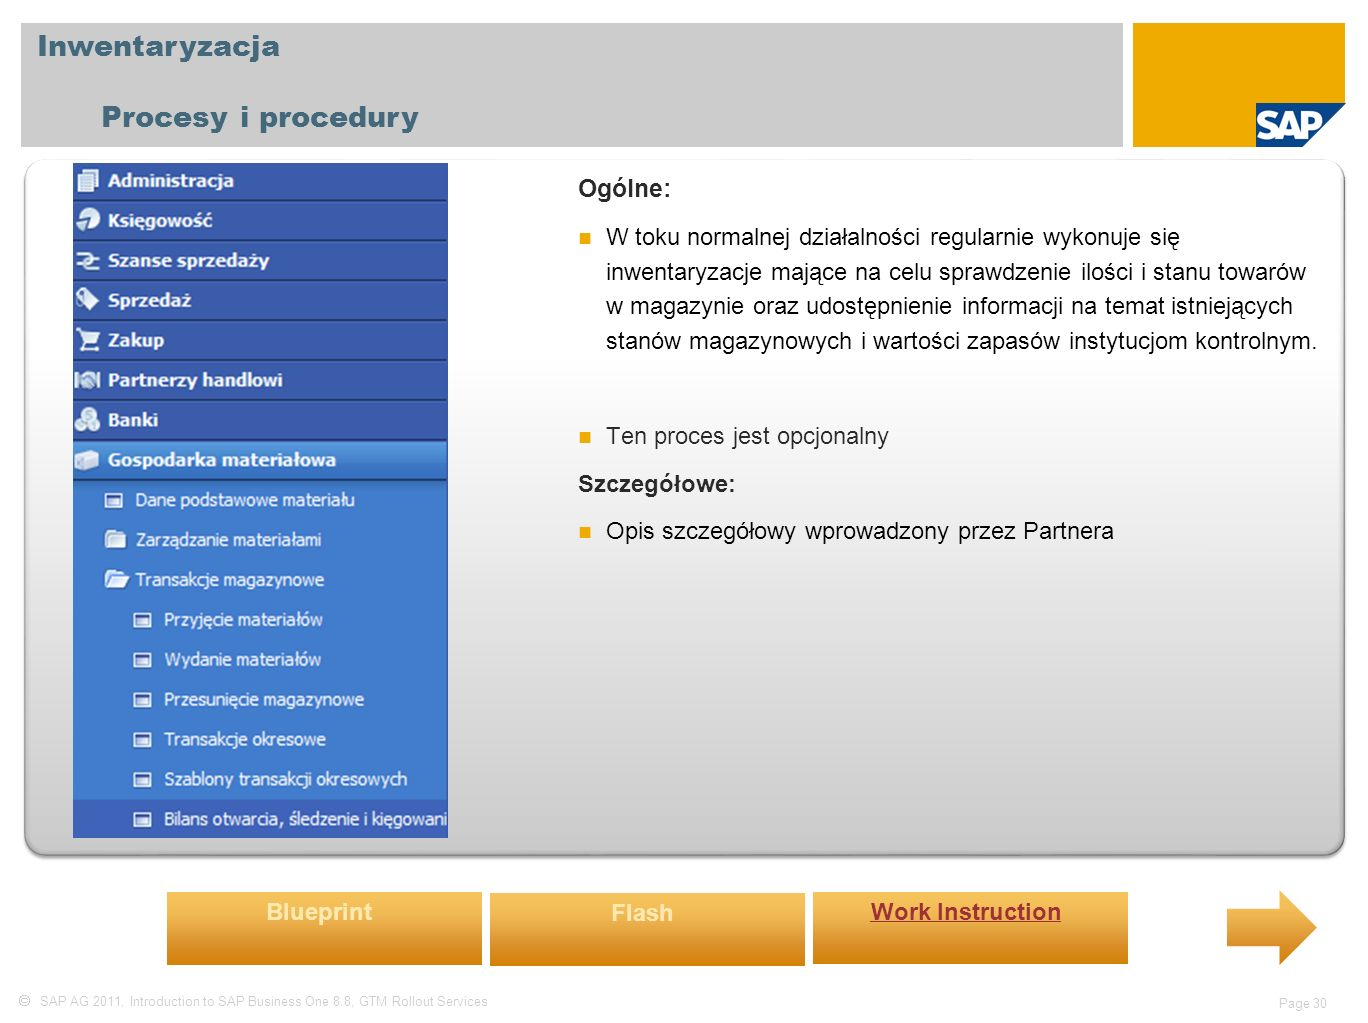  SAP AG 2011, Introduction to SAP Business One 8.8, GTM Rollout Services Page 30 Inwentaryzacja Procesy i procedury Ogólne: W toku normalnej działalności regularnie wykonuje się inwentaryzacje mające na celu sprawdzenie ilości i stanu towarów w magazynie oraz udostępnienie informacji na temat istniejących stanów magazynowych i wartości zapasów instytucjom kontrolnym.